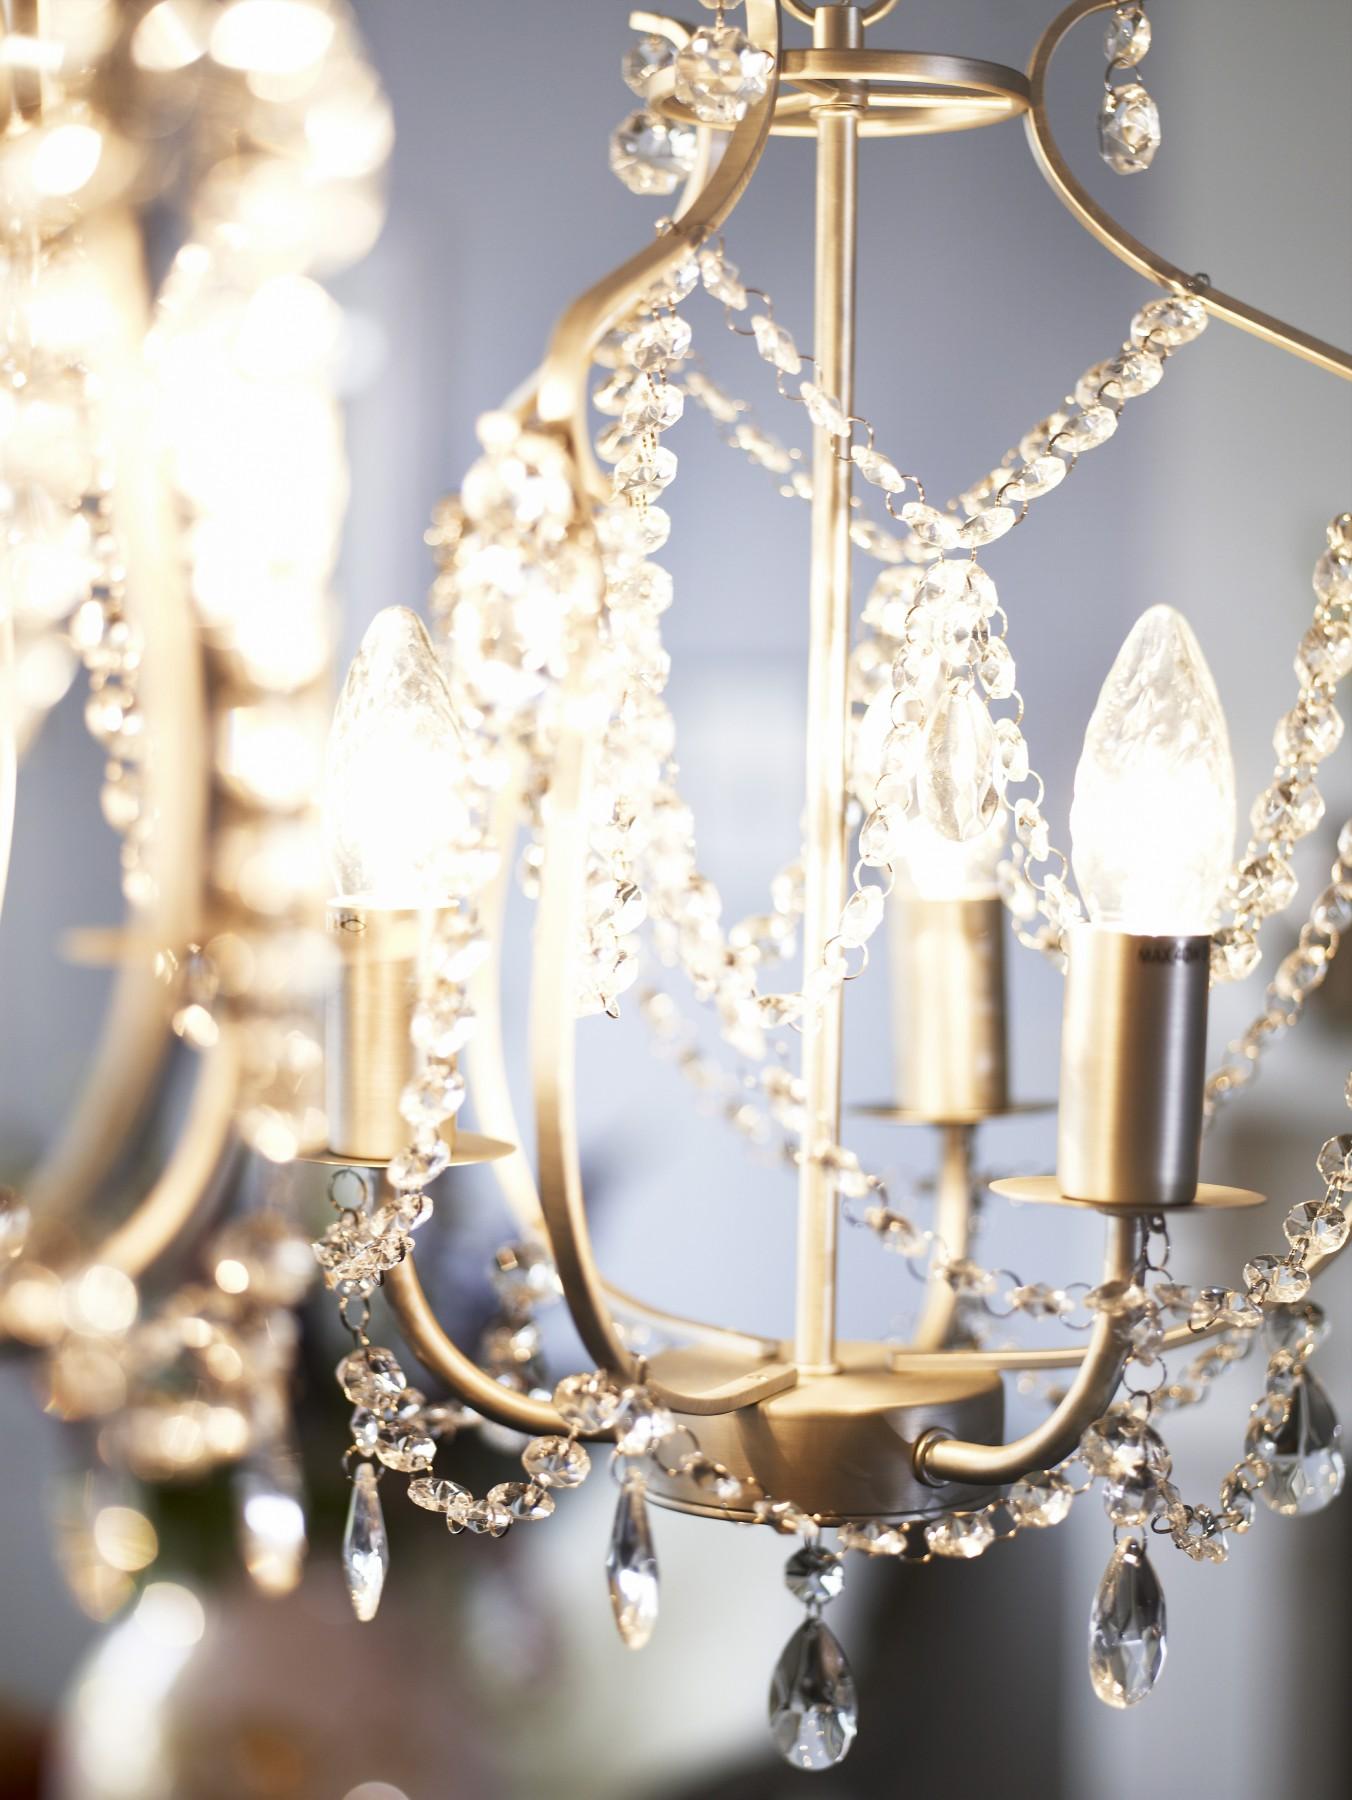 IKEA Deepavali lighting